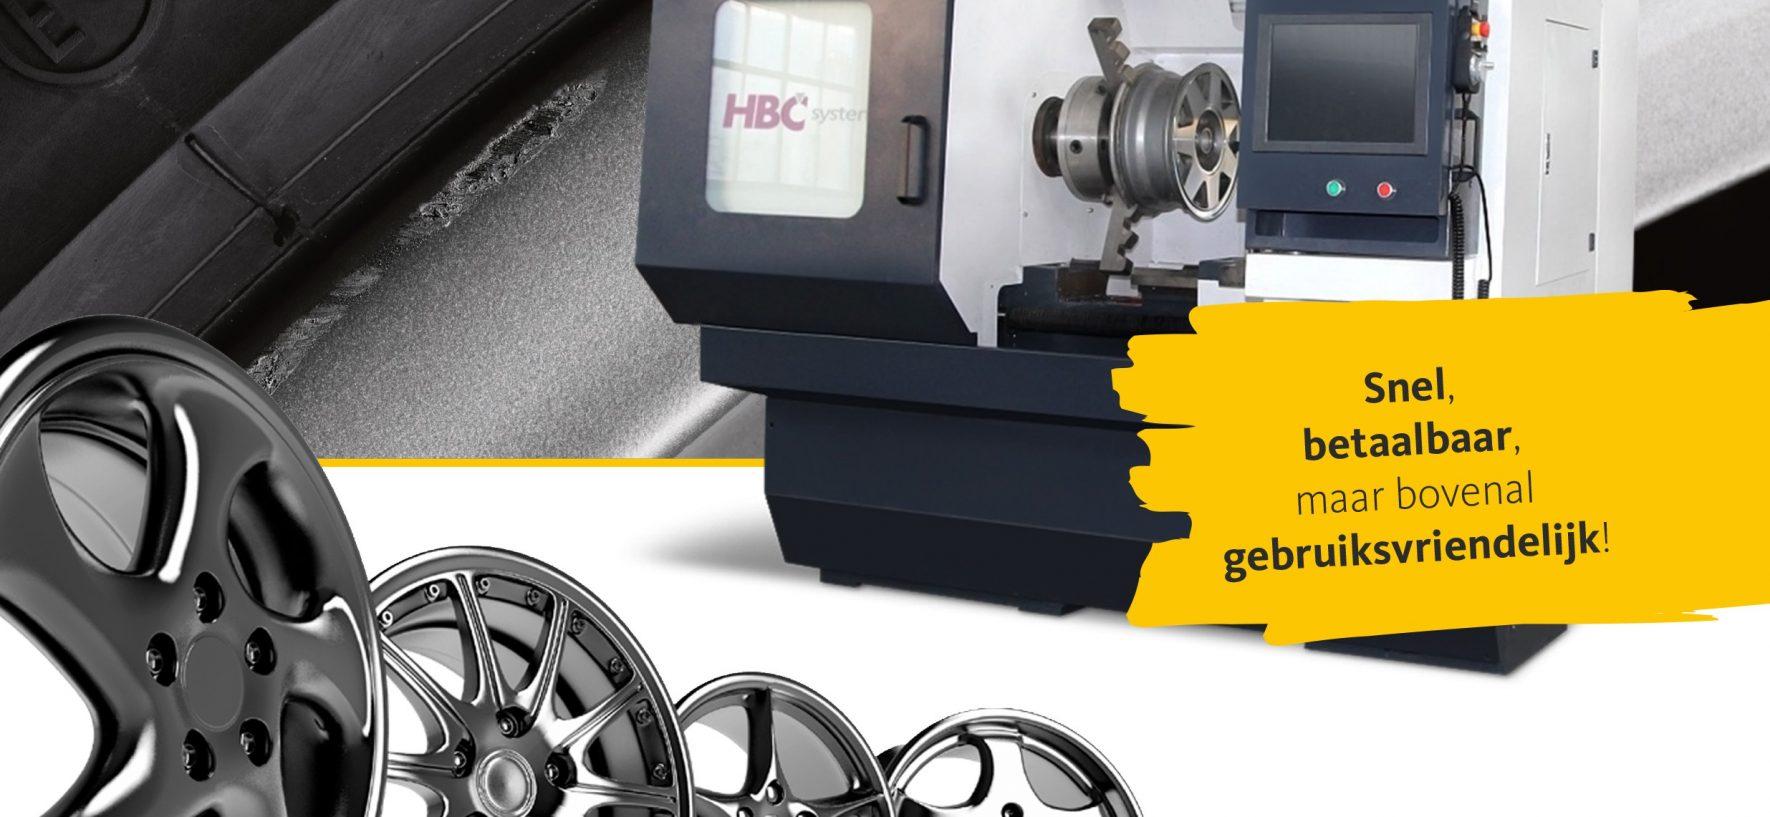 Nieuwe producten Equipment Group Holland